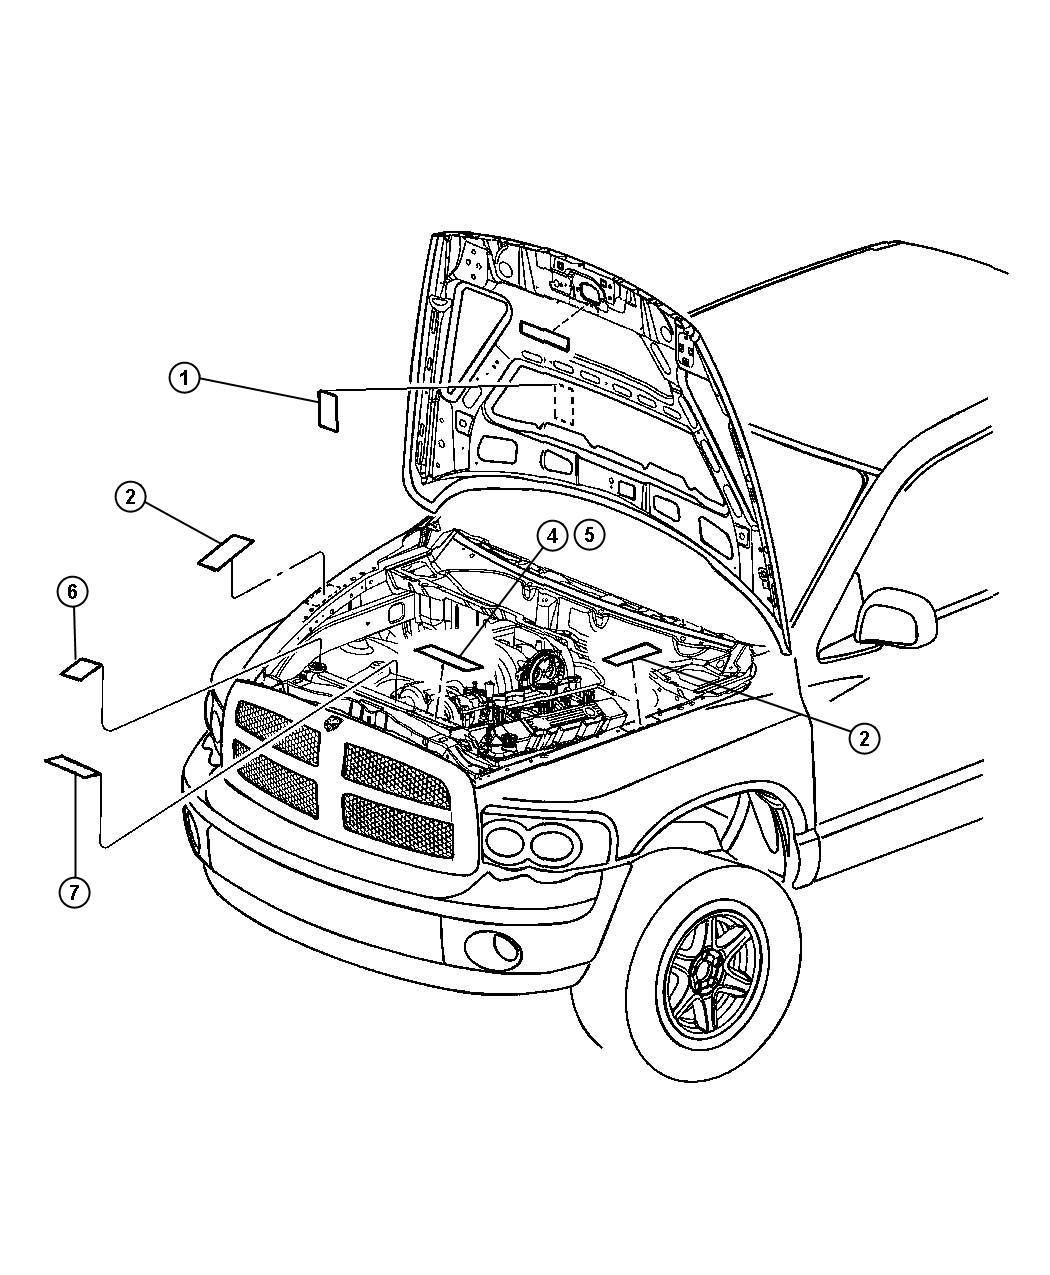 Dodge Ram Label Emission Enginesel General